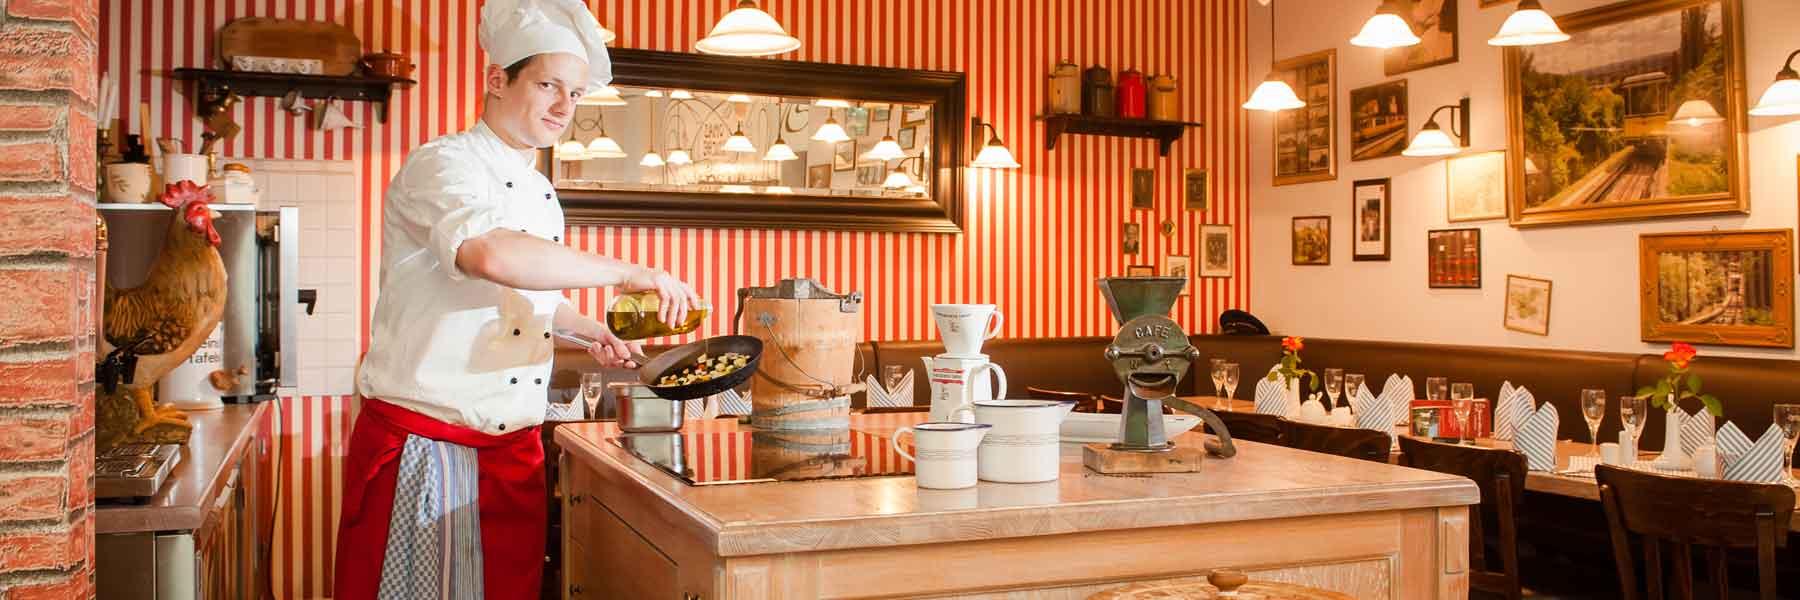 Erleben Sie mit uns eine kulinarische Reise in Oma